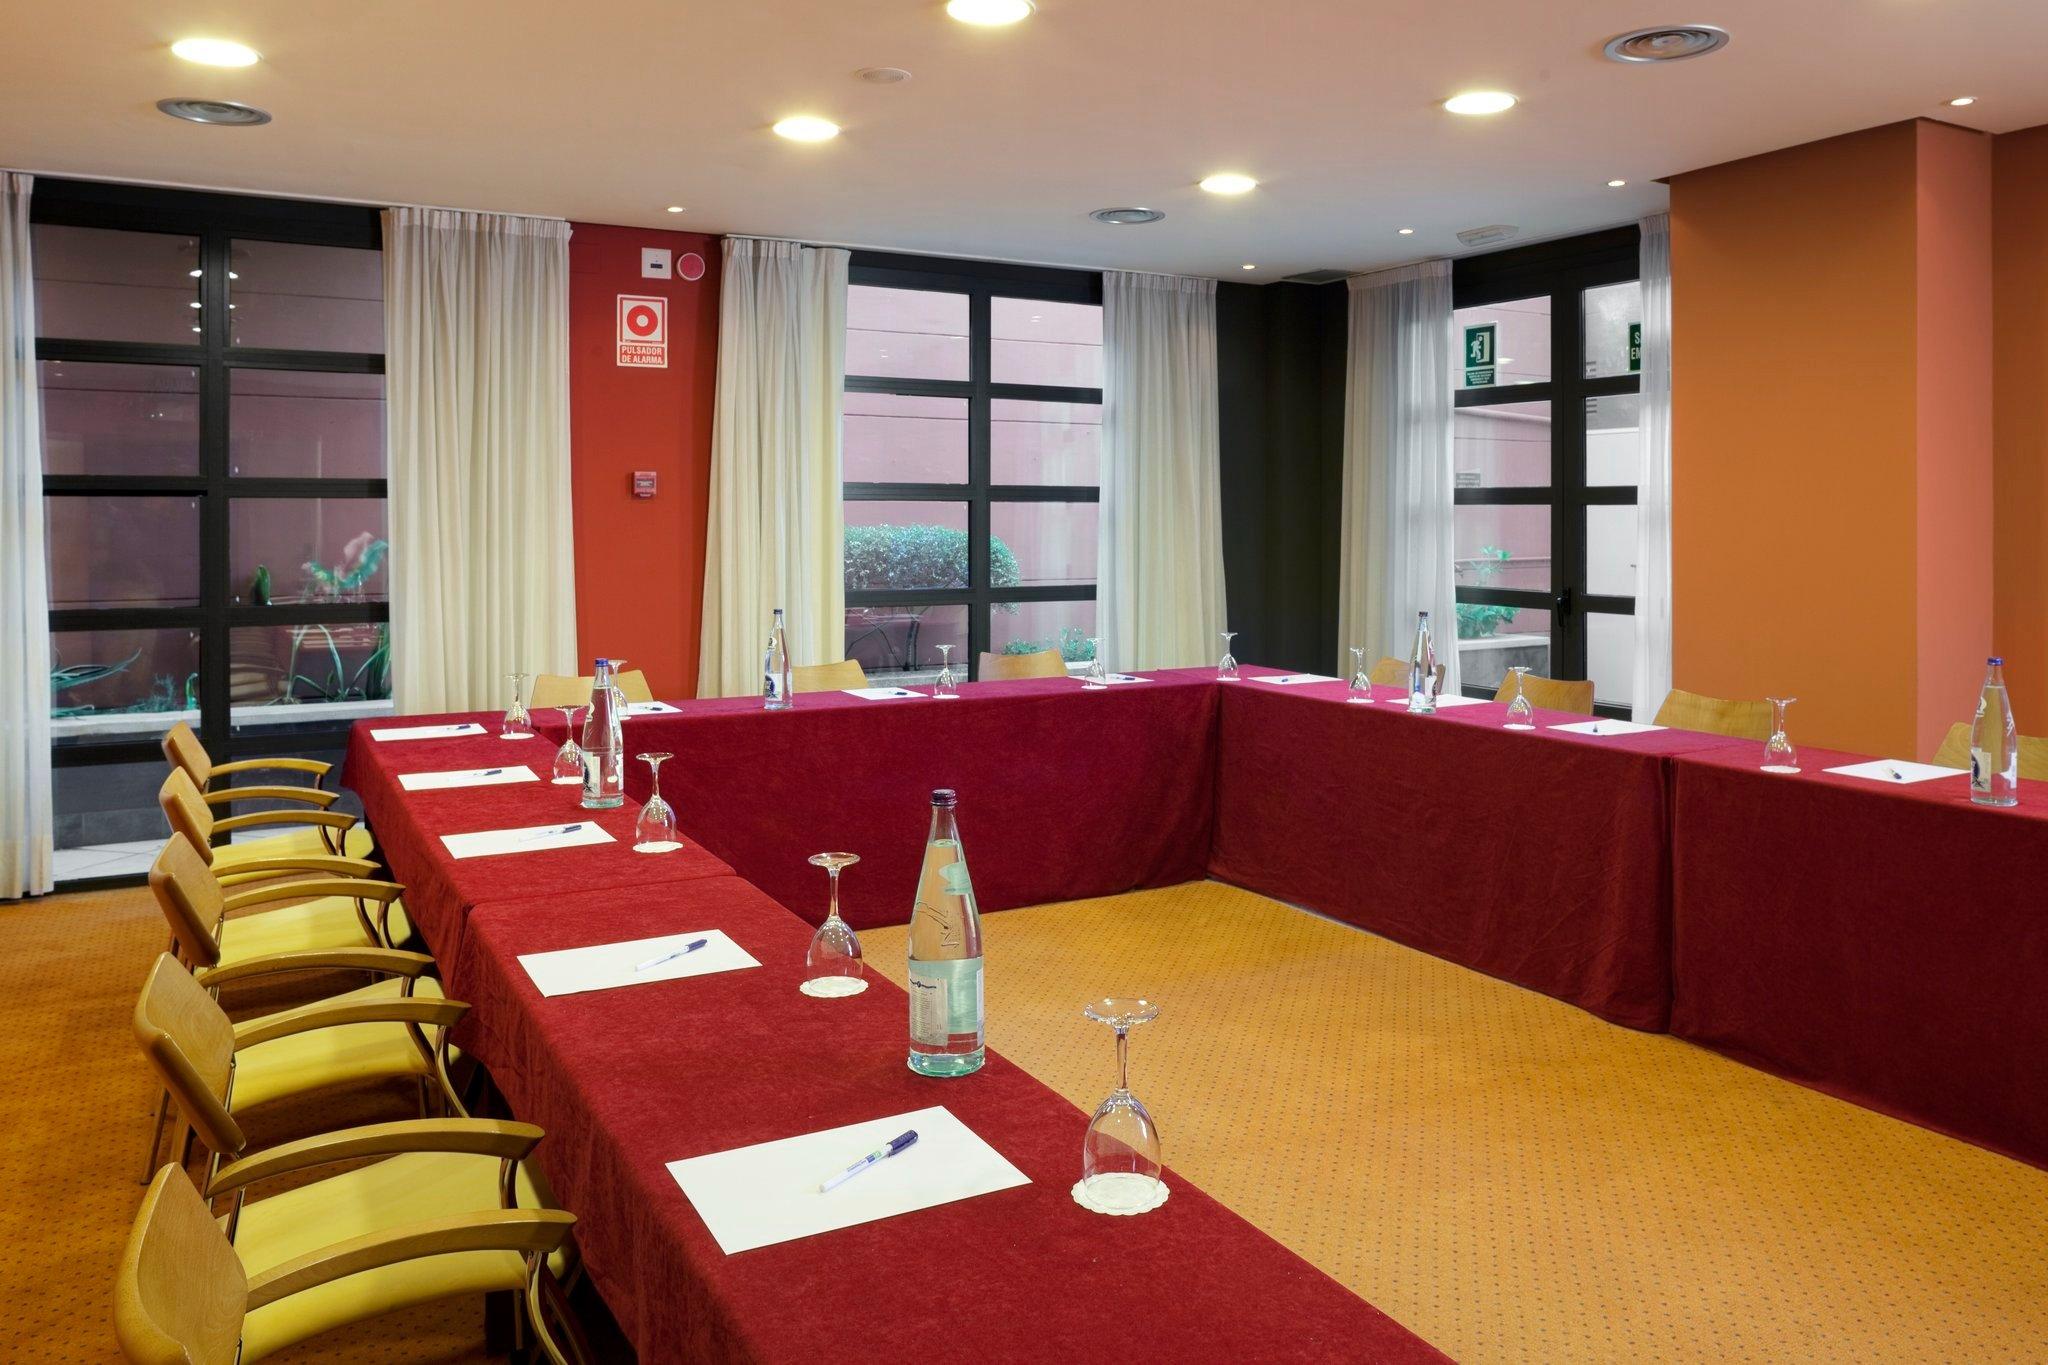 Holiday Inn Express Valencia Ciudad Las Ciencias